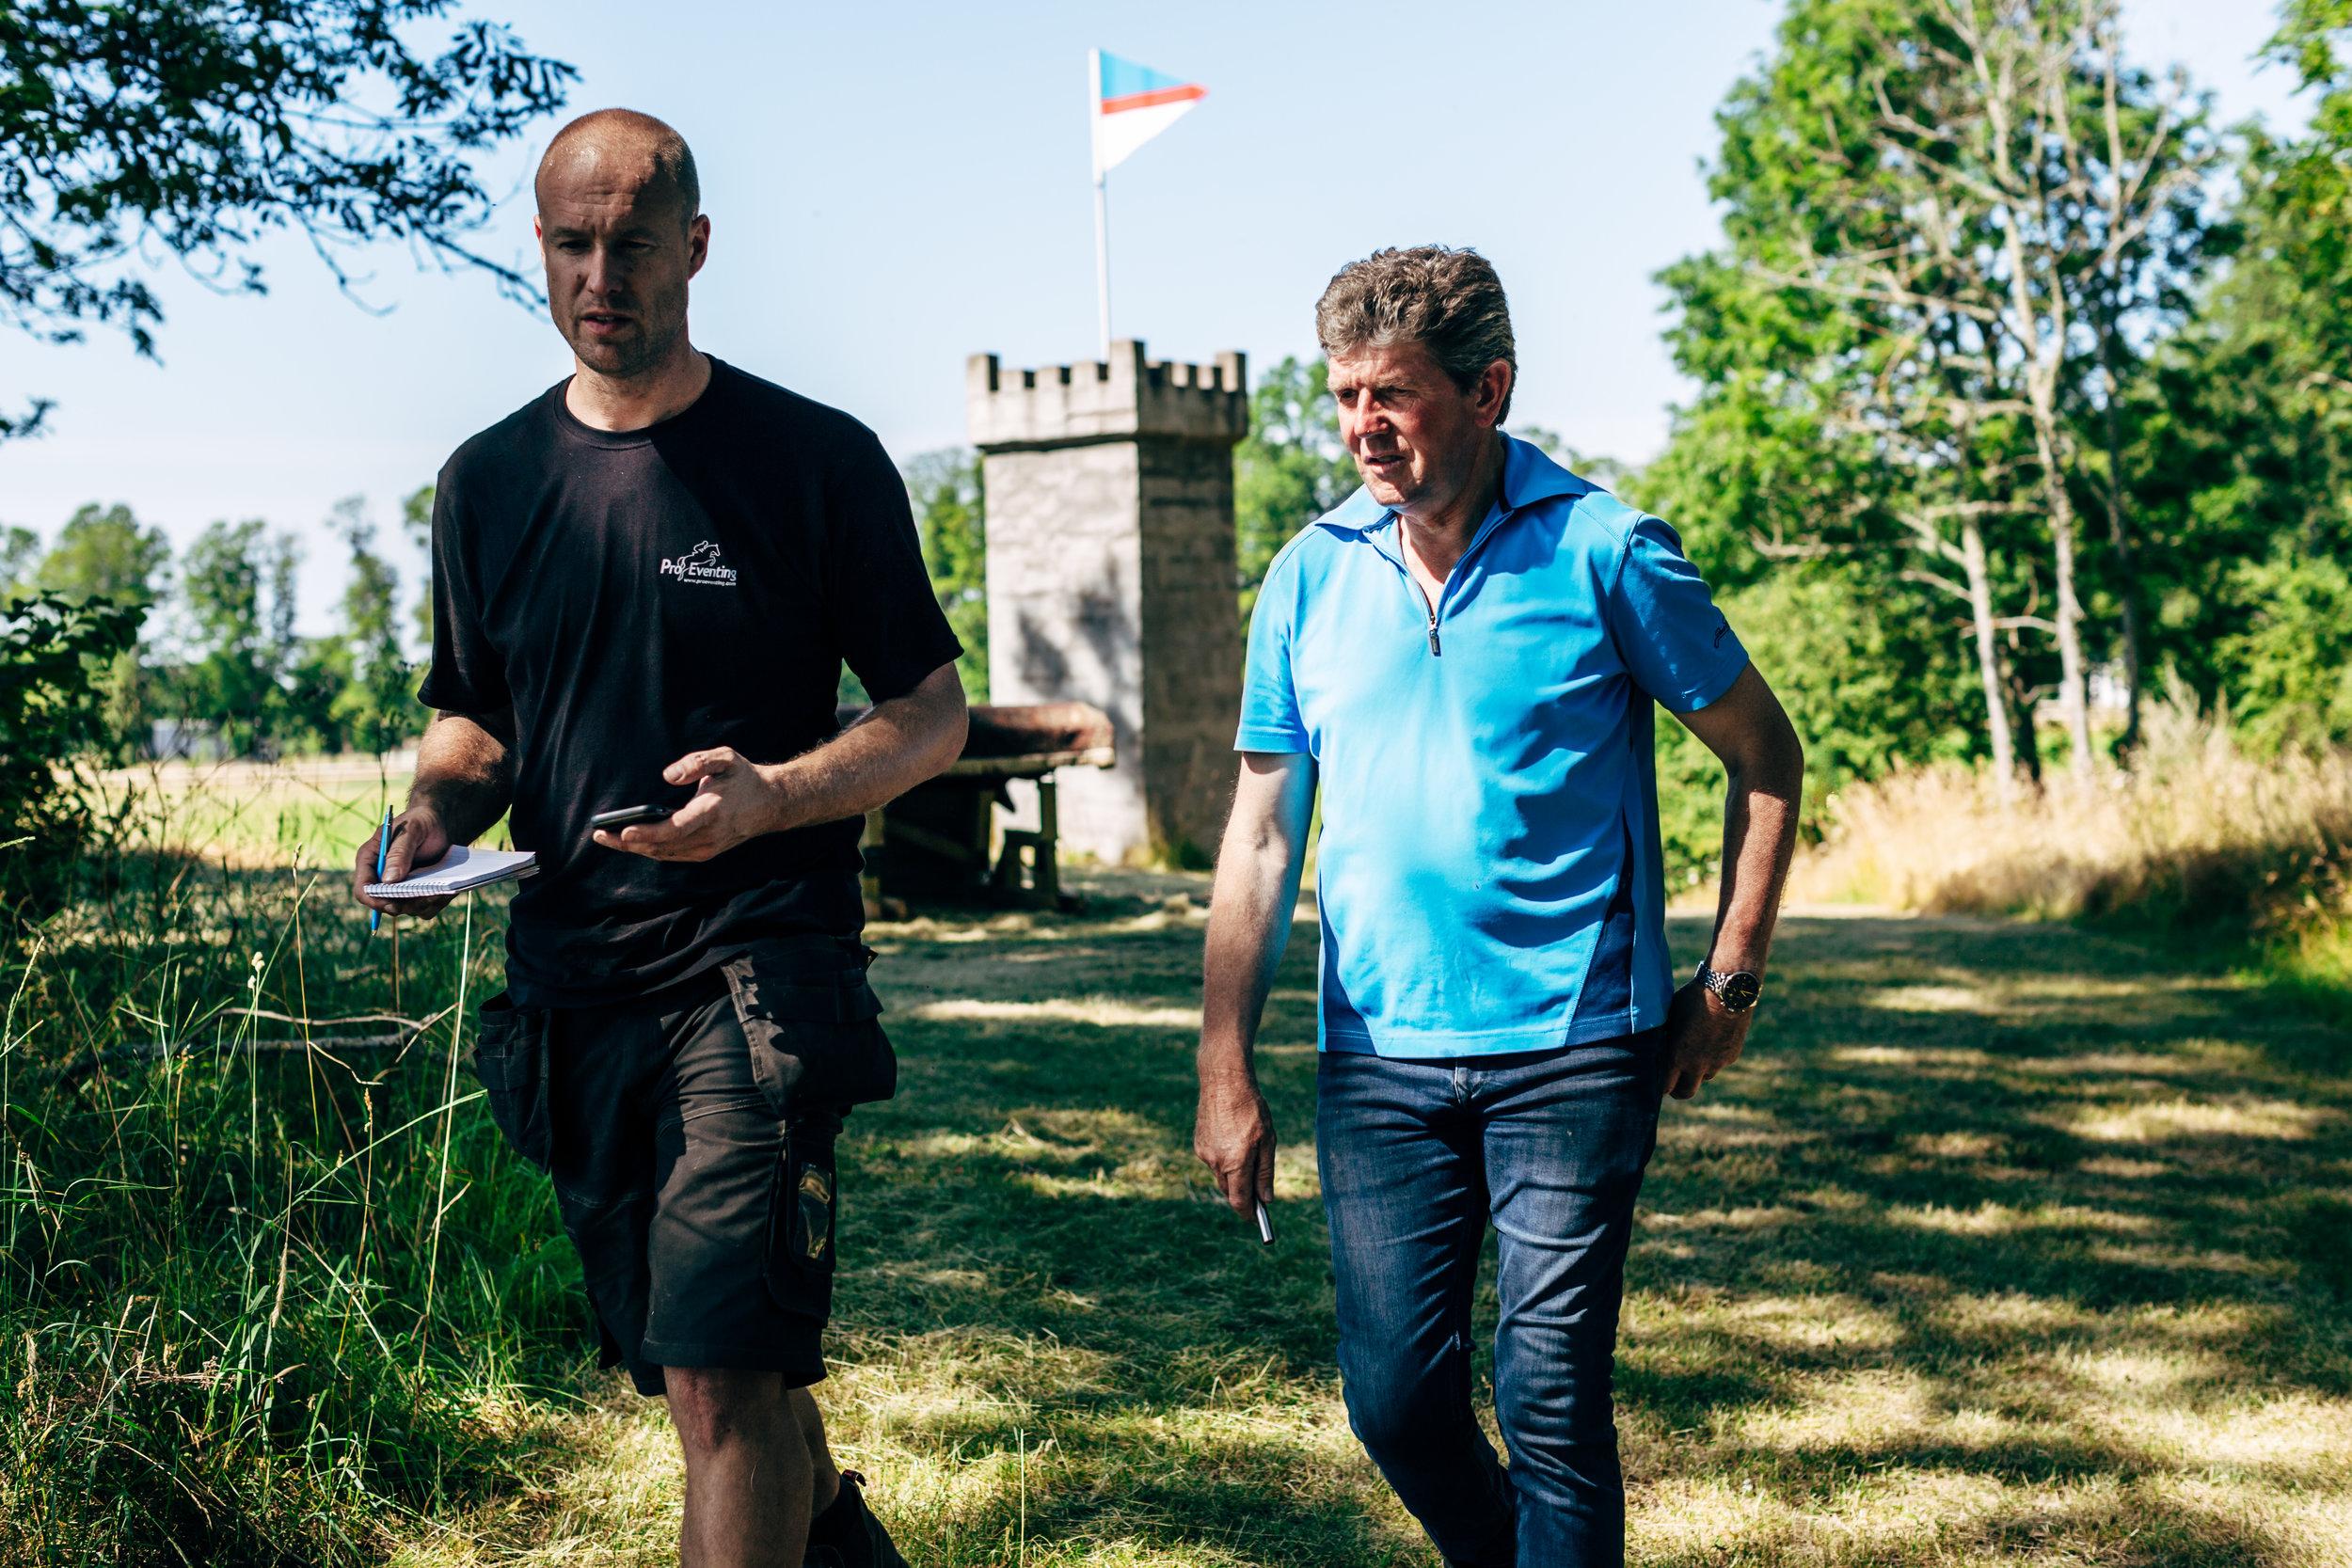 Lars Persson (Pro Eventing Nordic) och Eric Winter går igenom vad som ska göras med varje hinder och mäter ut bansträckningen inför årets tävlingar. Foto: Andreas Lundgren